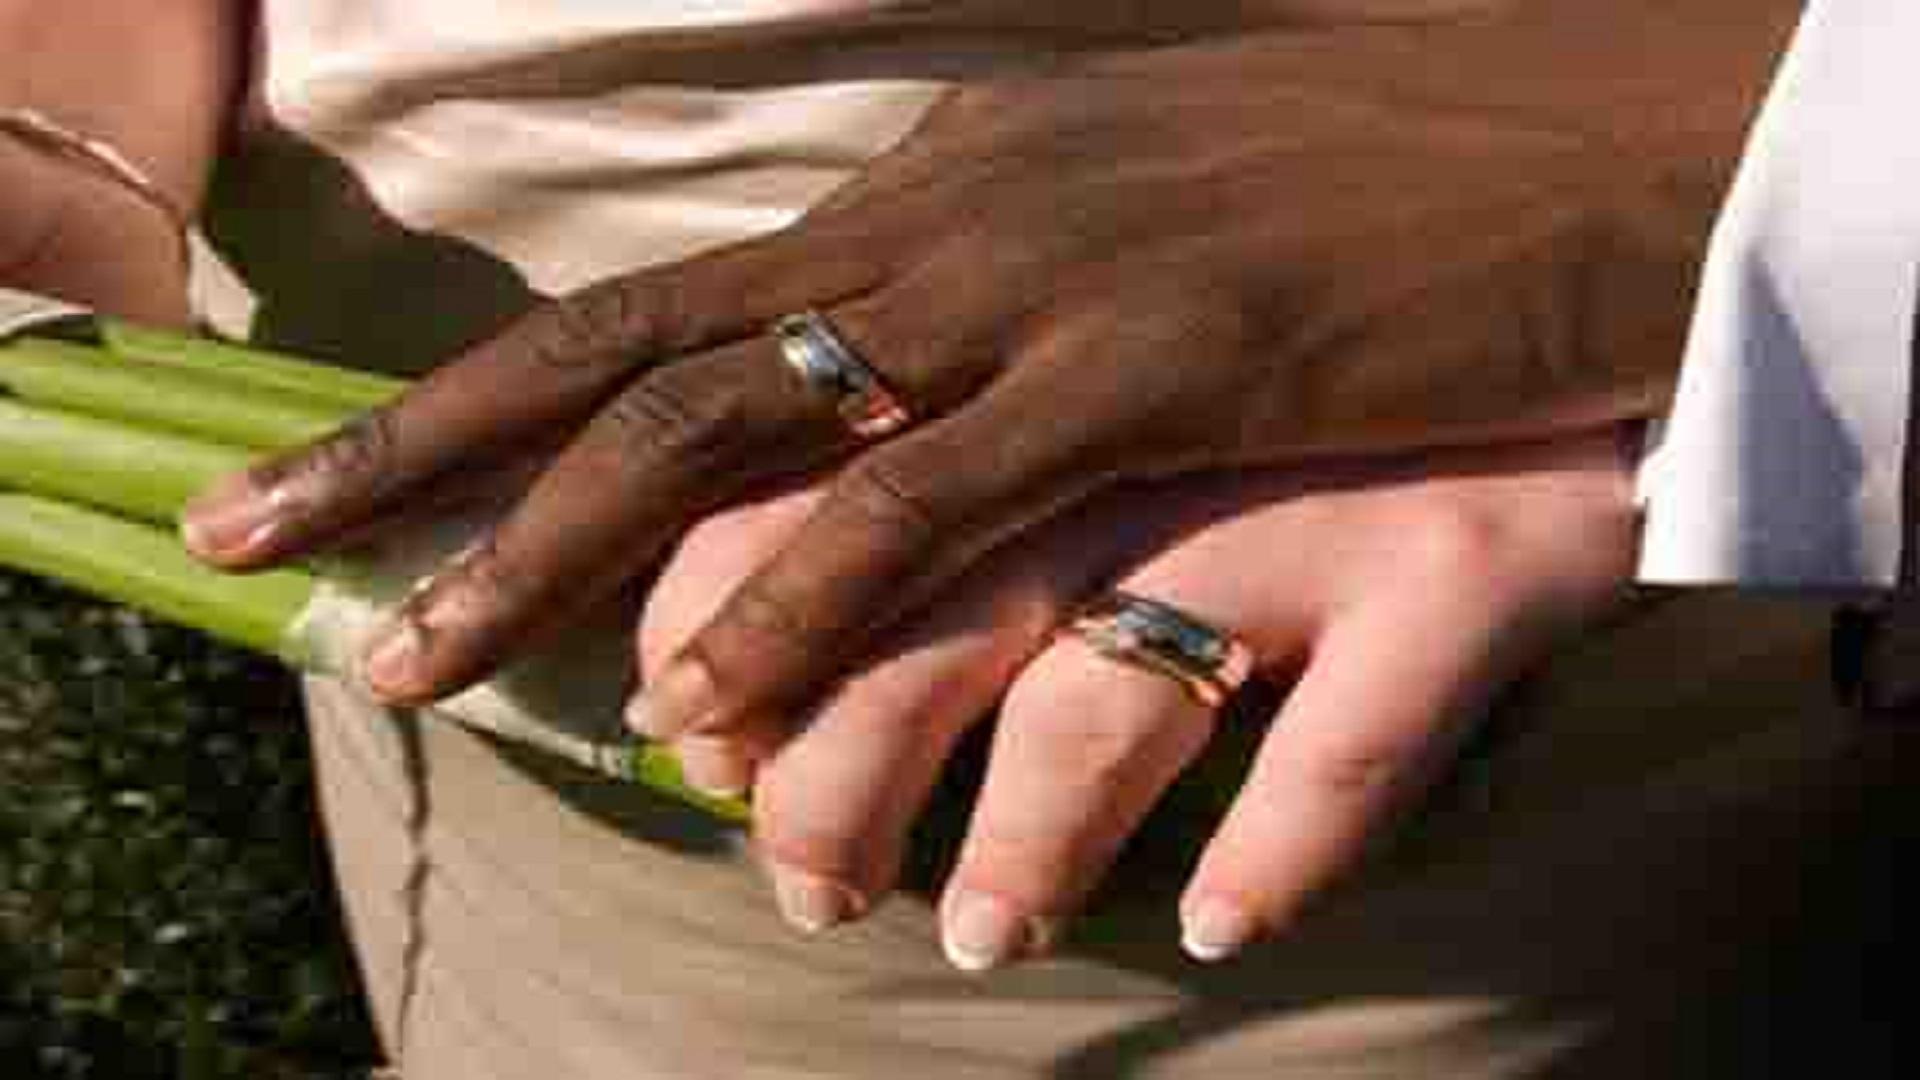 Matrimoni fittizzi, favoreggiamento di prostituzione e immigrazione clandestina: sgominato a Viareggio un sodalizio criminale